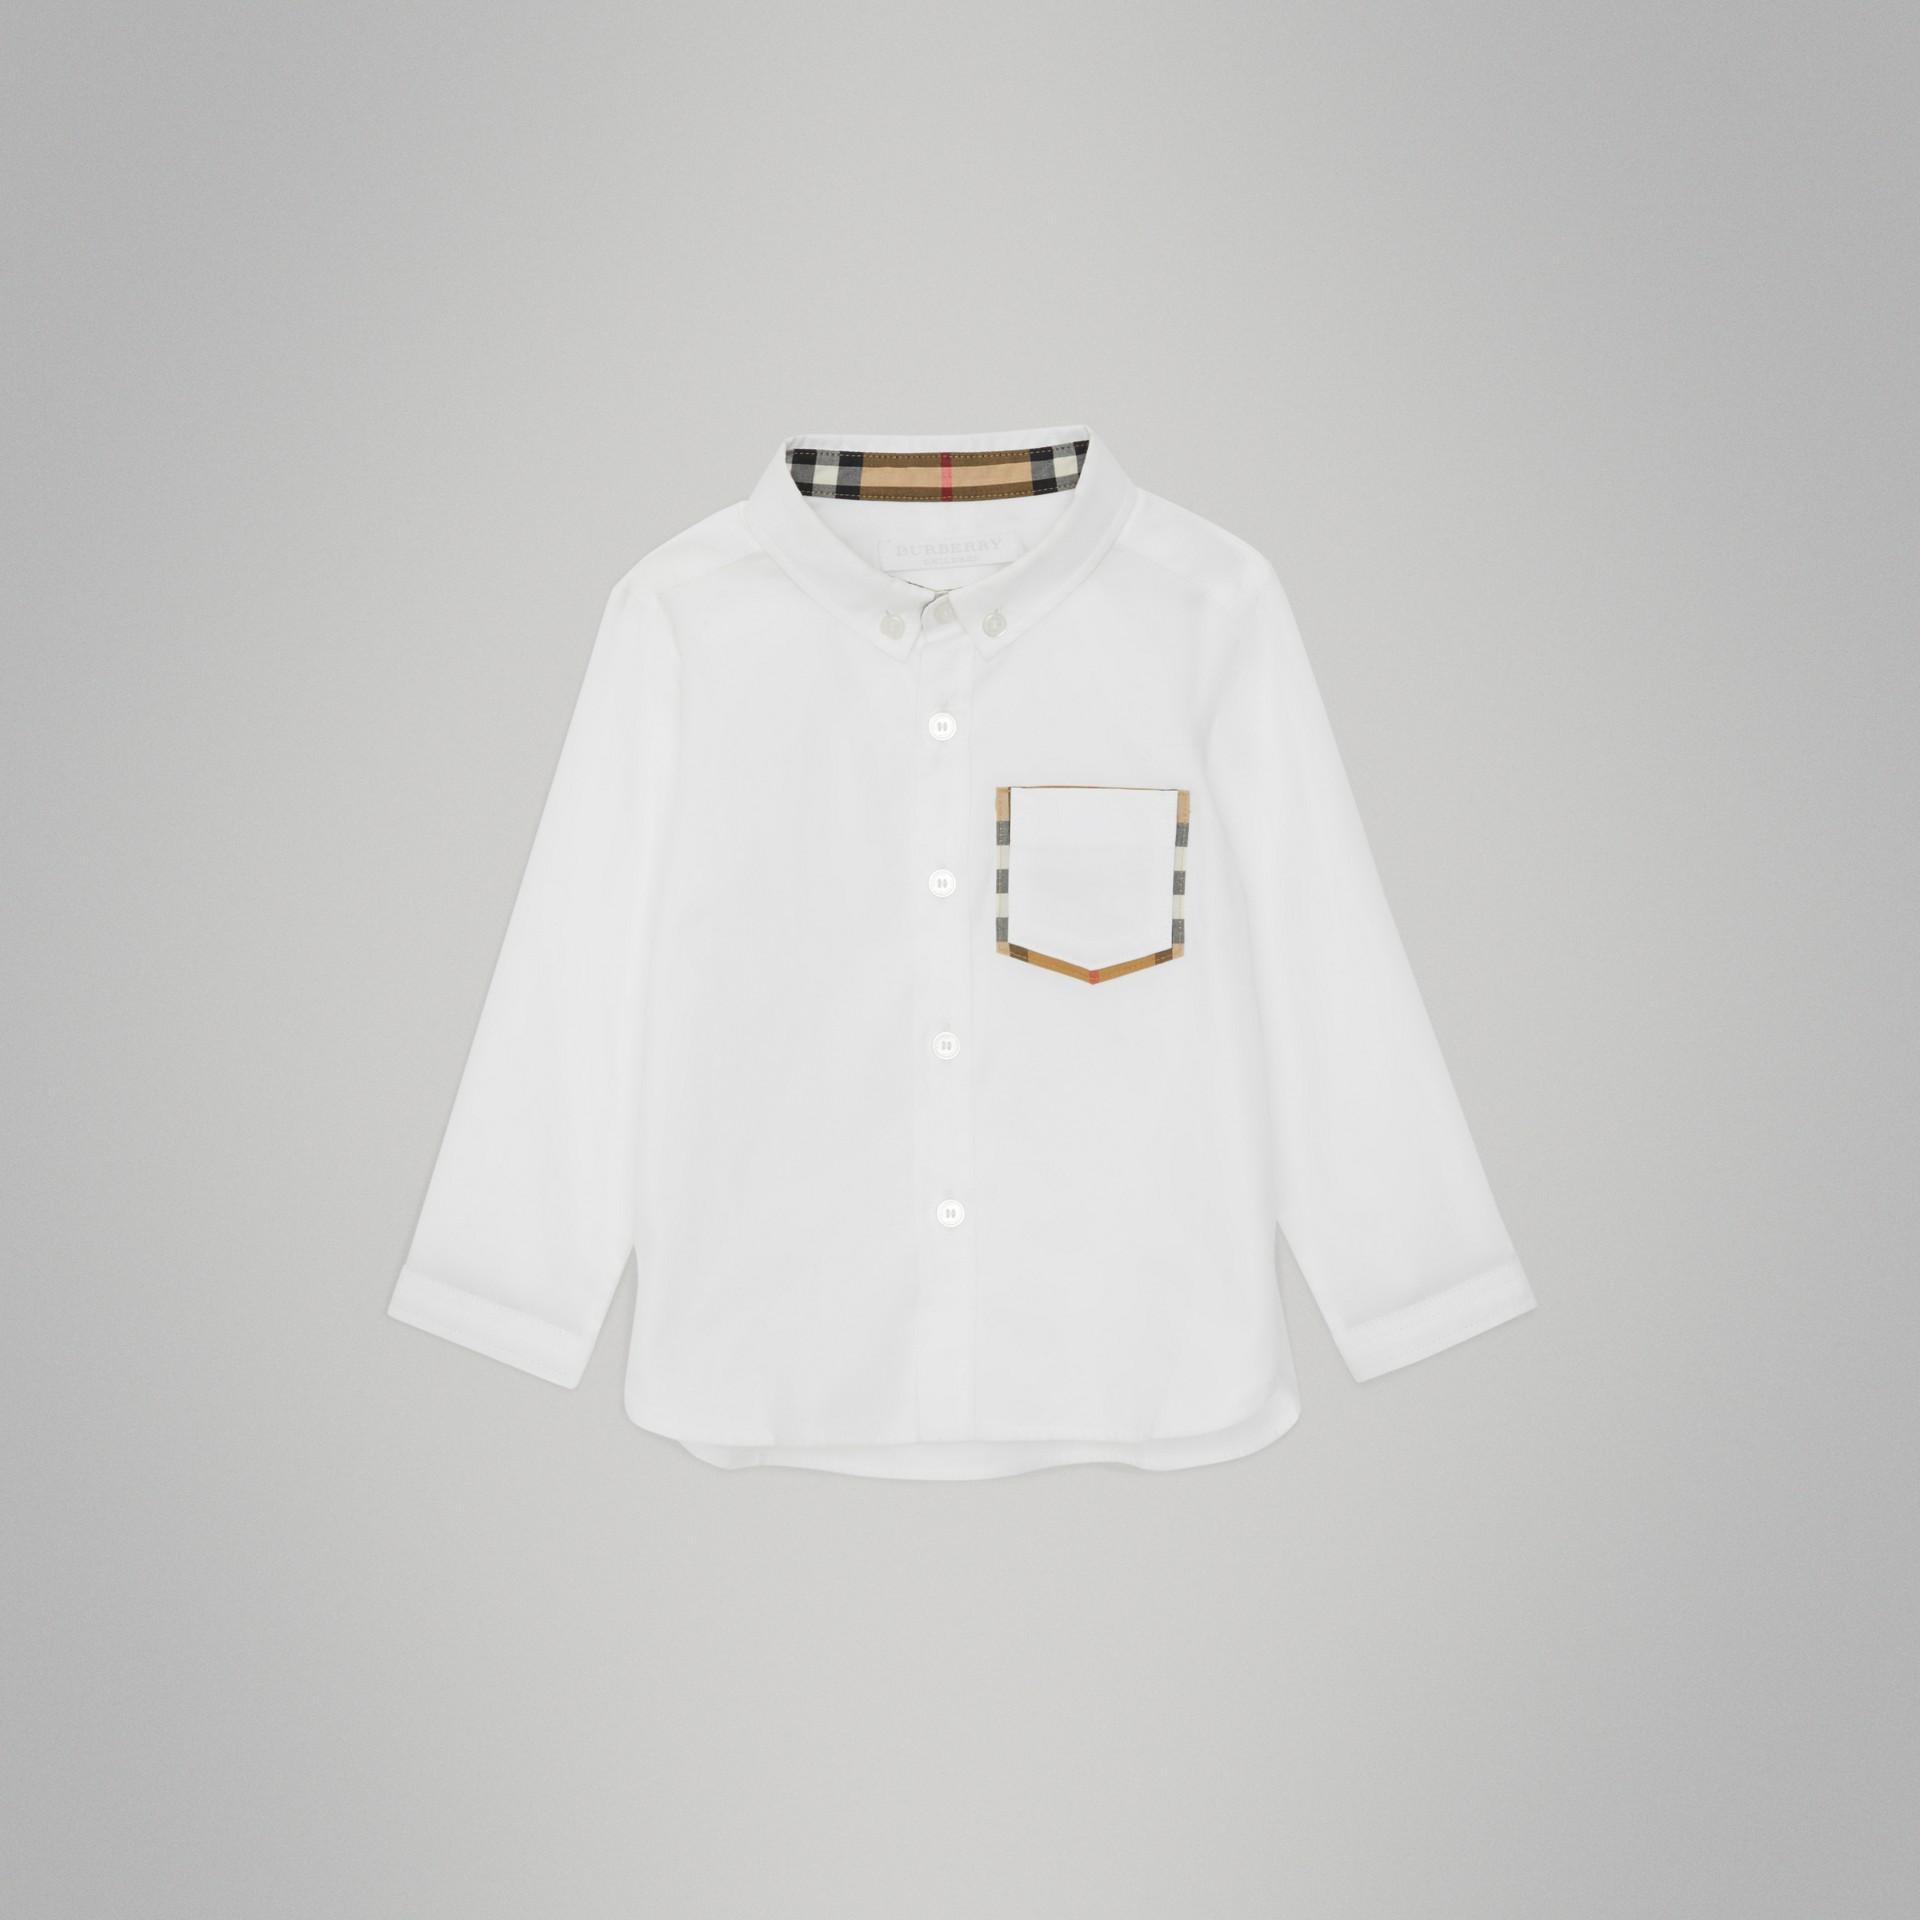 Camisa Oxford de algodão com detalhe xadrez (Branco) - Crianças | Burberry - galeria de imagens 0